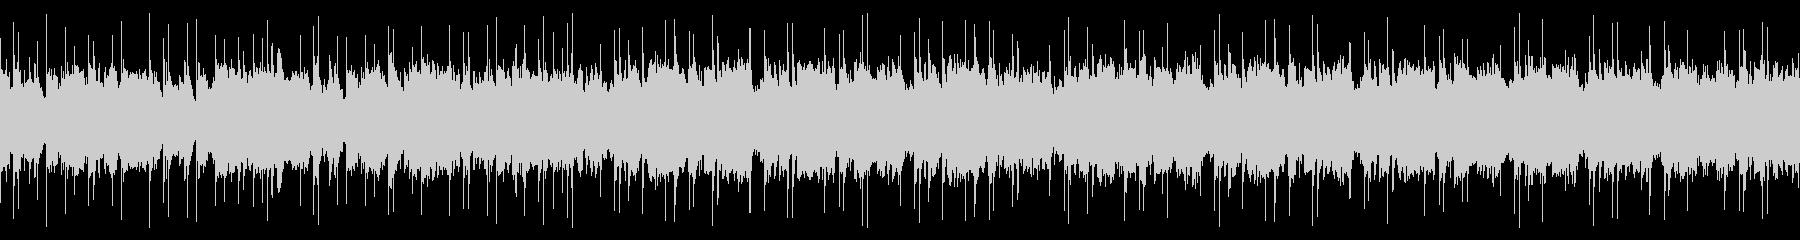 メロトロンのノスタルジックな曲の未再生の波形